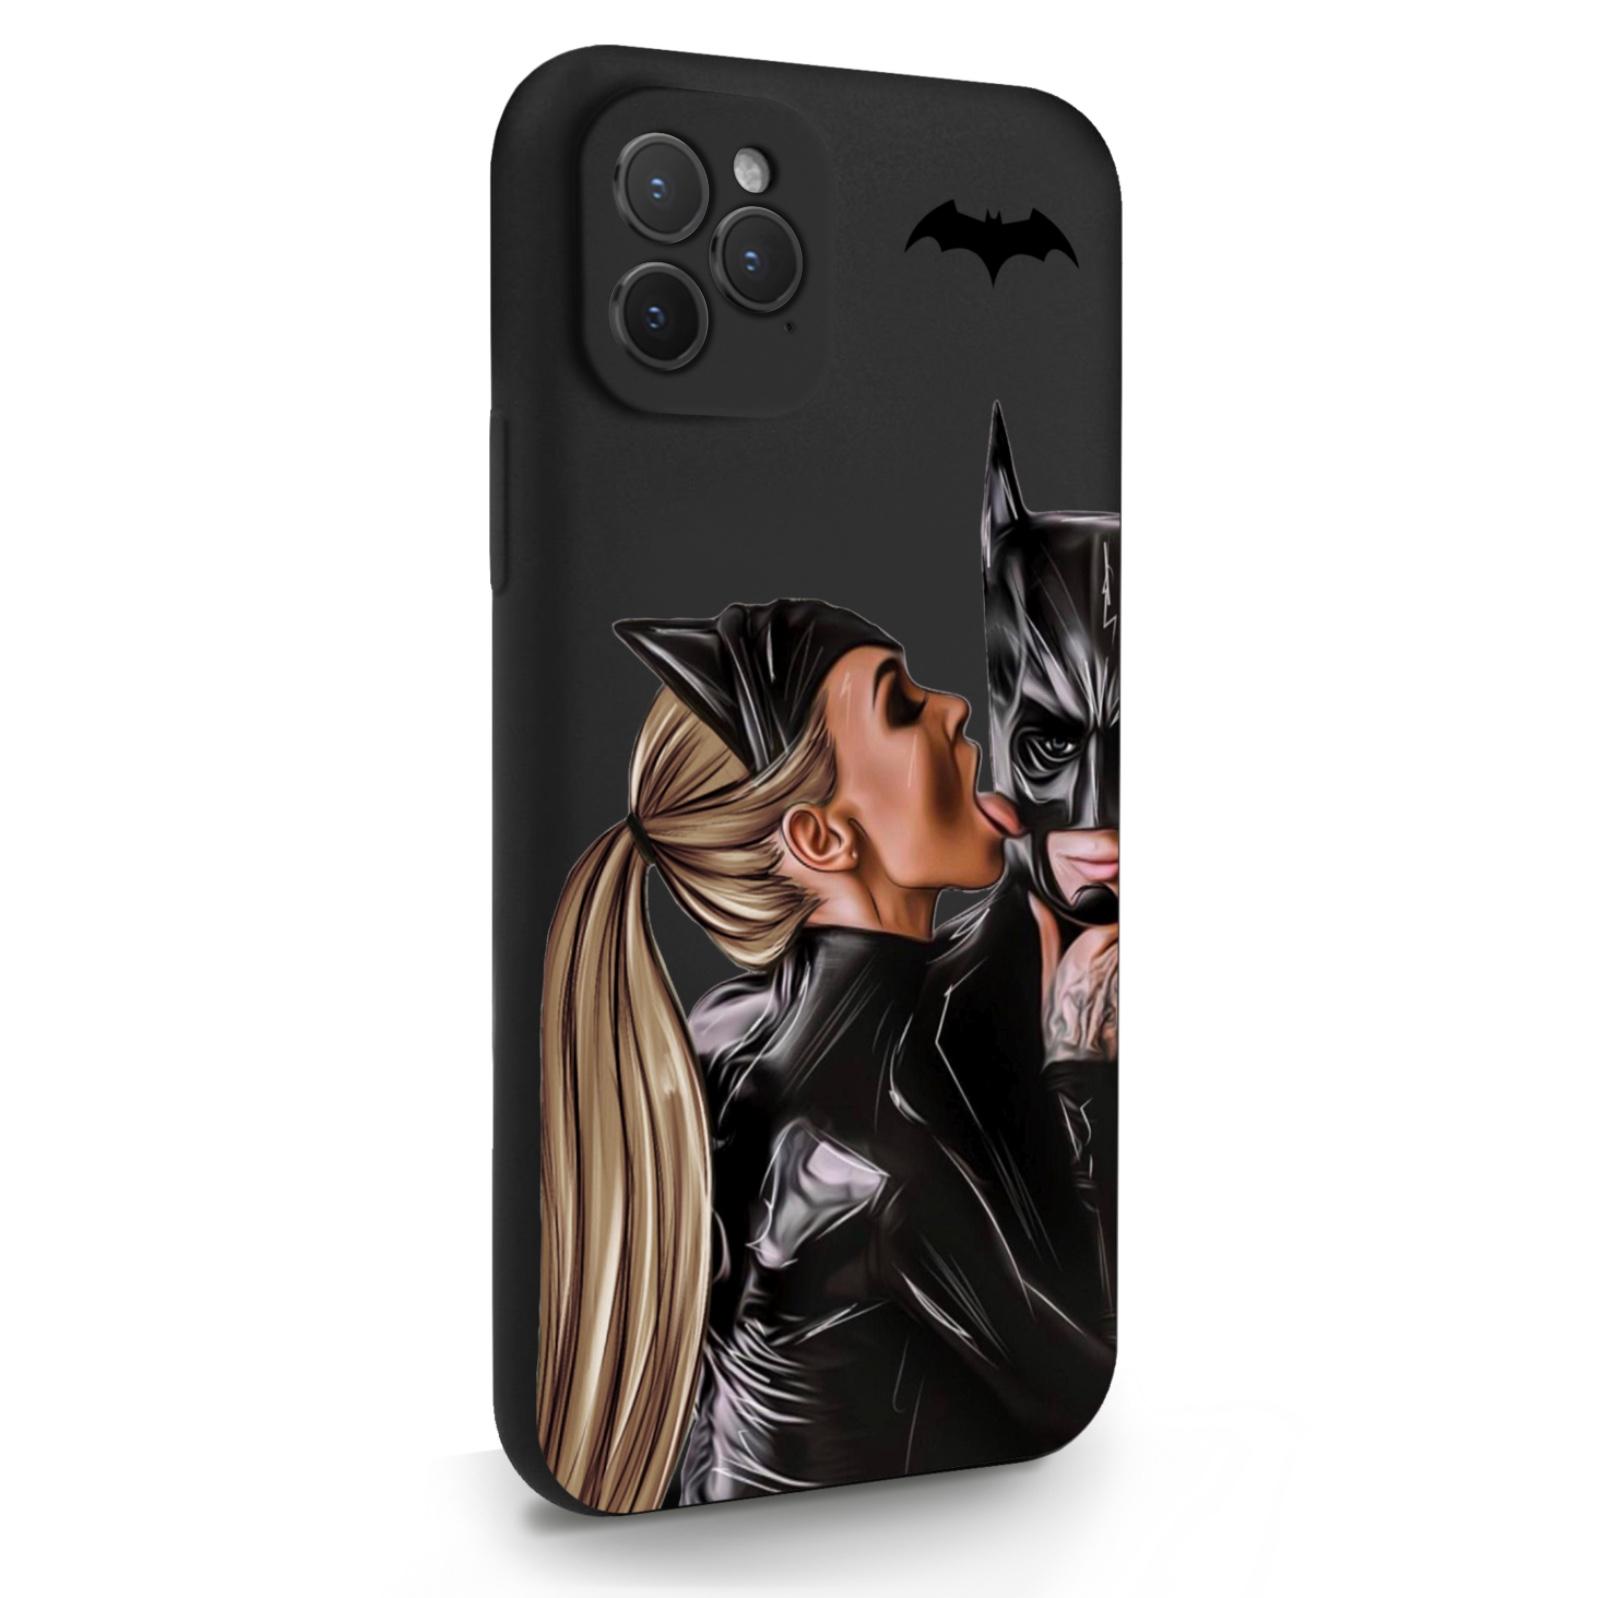 Черный силиконовый чехол для iPhone 11 Pro Cat Woman/ Женщина-кошка и бэтмен для Айфон 11 Про